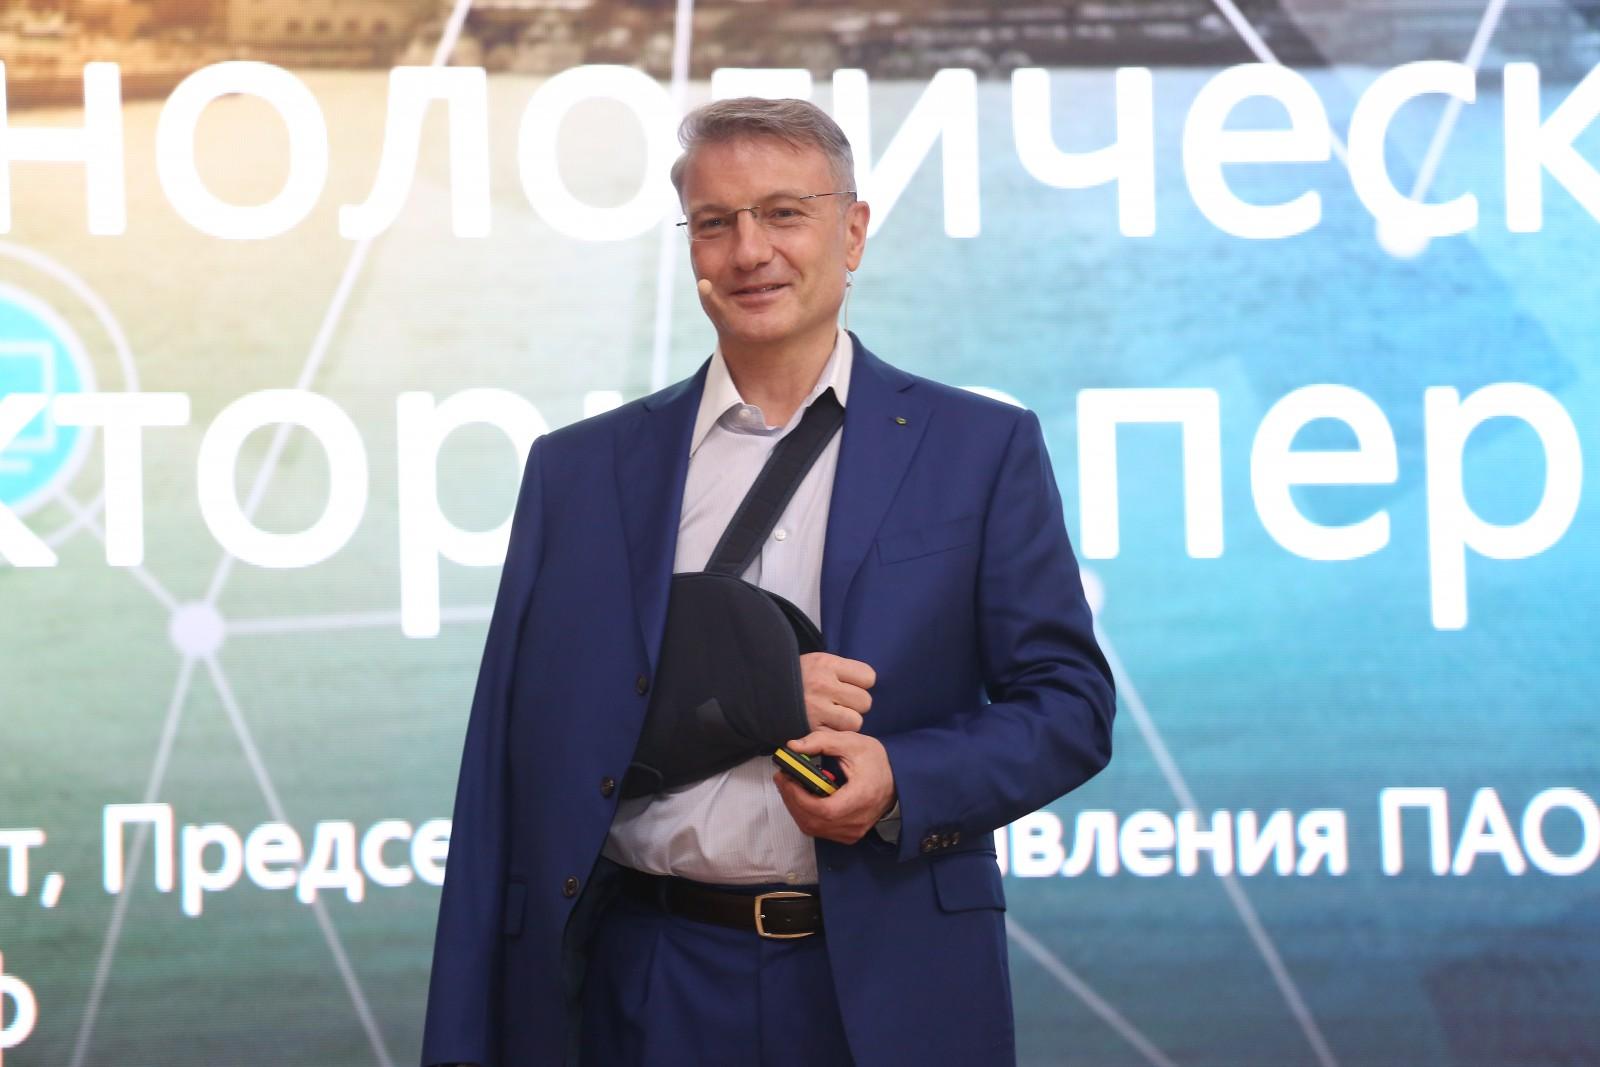 (imaginea zilei) Șeful Sberbank, Gherman Gref, cu mâna fracturată, a ținut o lecție deschisă la Chișinău